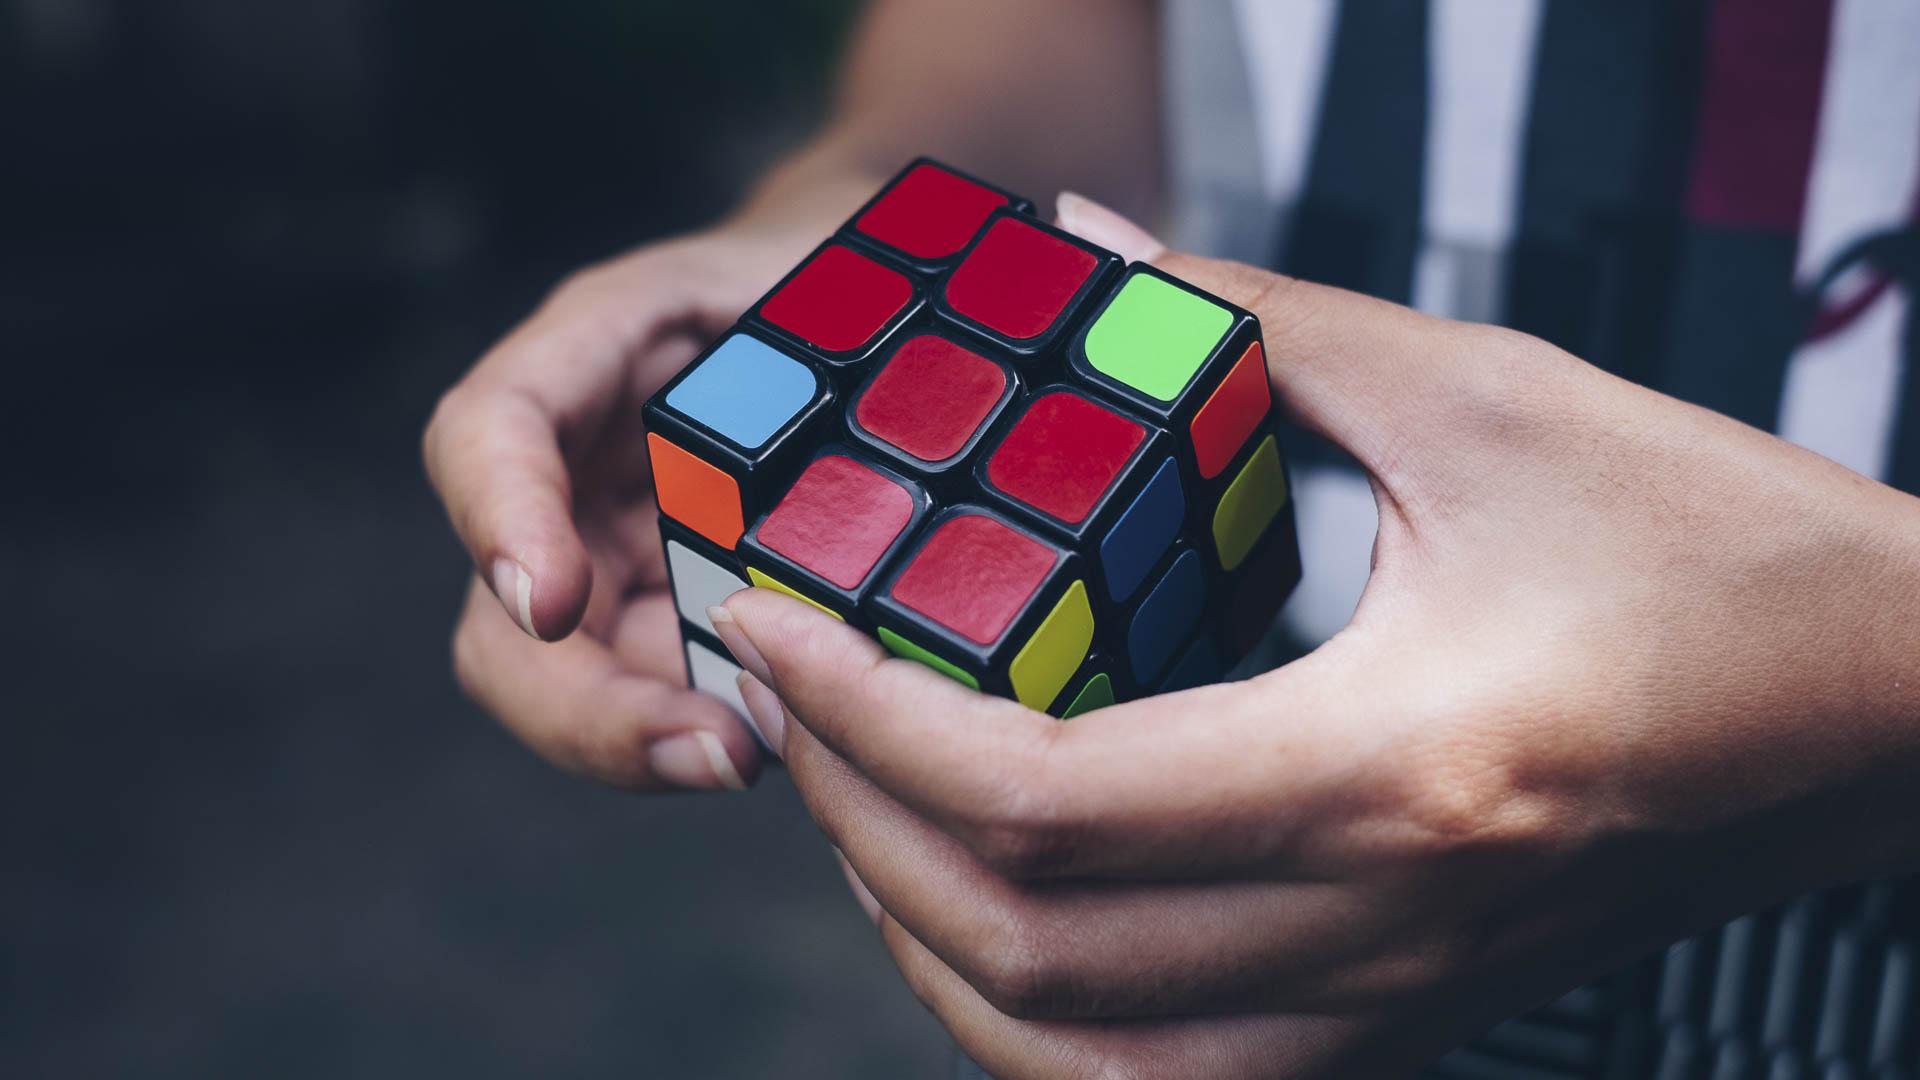 стоит волноваться сделать фото кубик рубик контрастный свет точечных